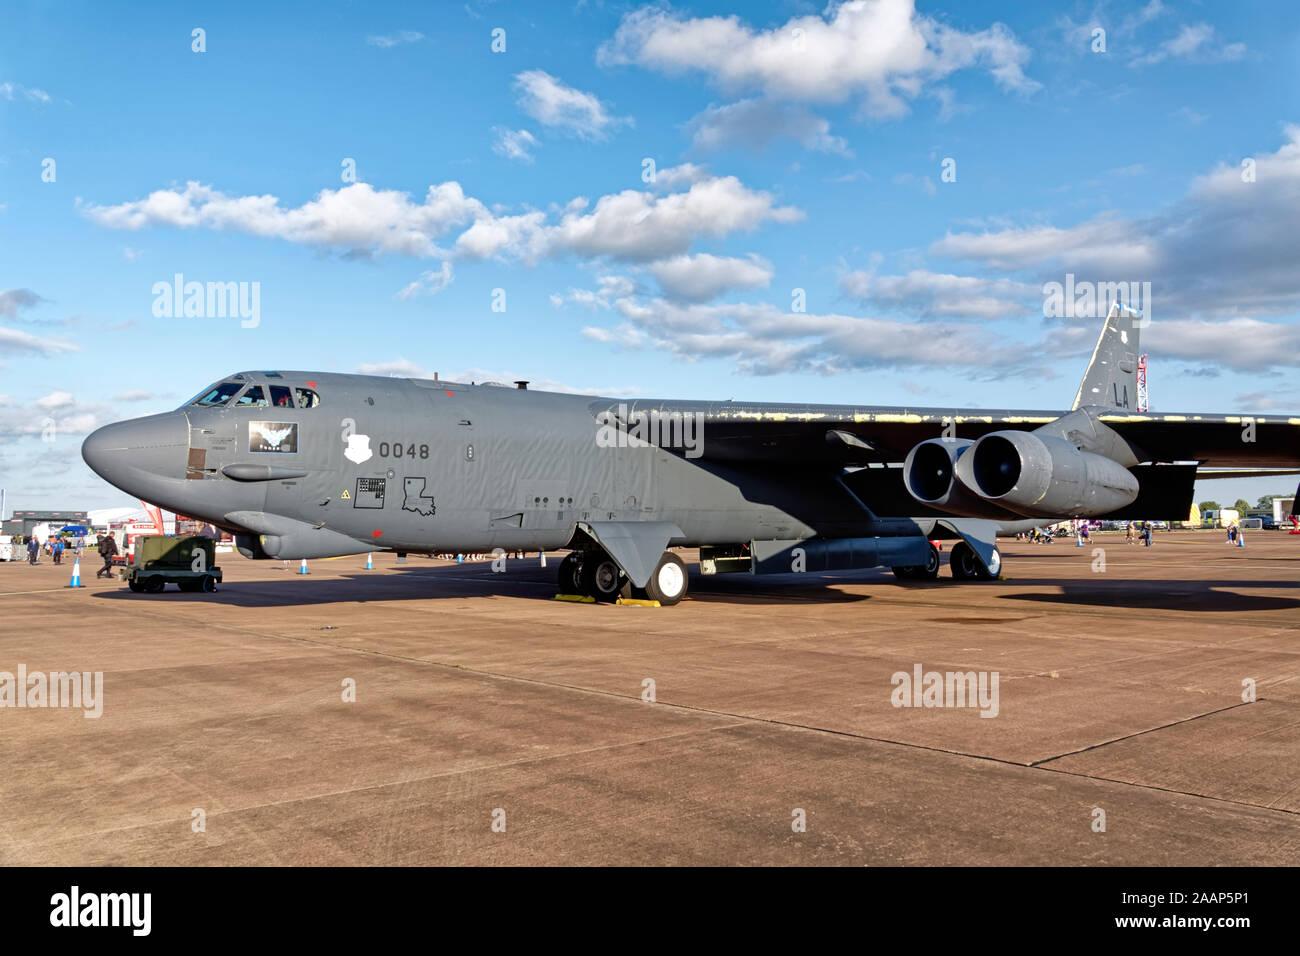 La Fuerza Aérea de los Estados Unidos B-52H Stratofortress, 60-0048/LA,de la 2BW/20BS, Base de la Fuerza Aérea de Barksdale, Louisiana Foto de stock